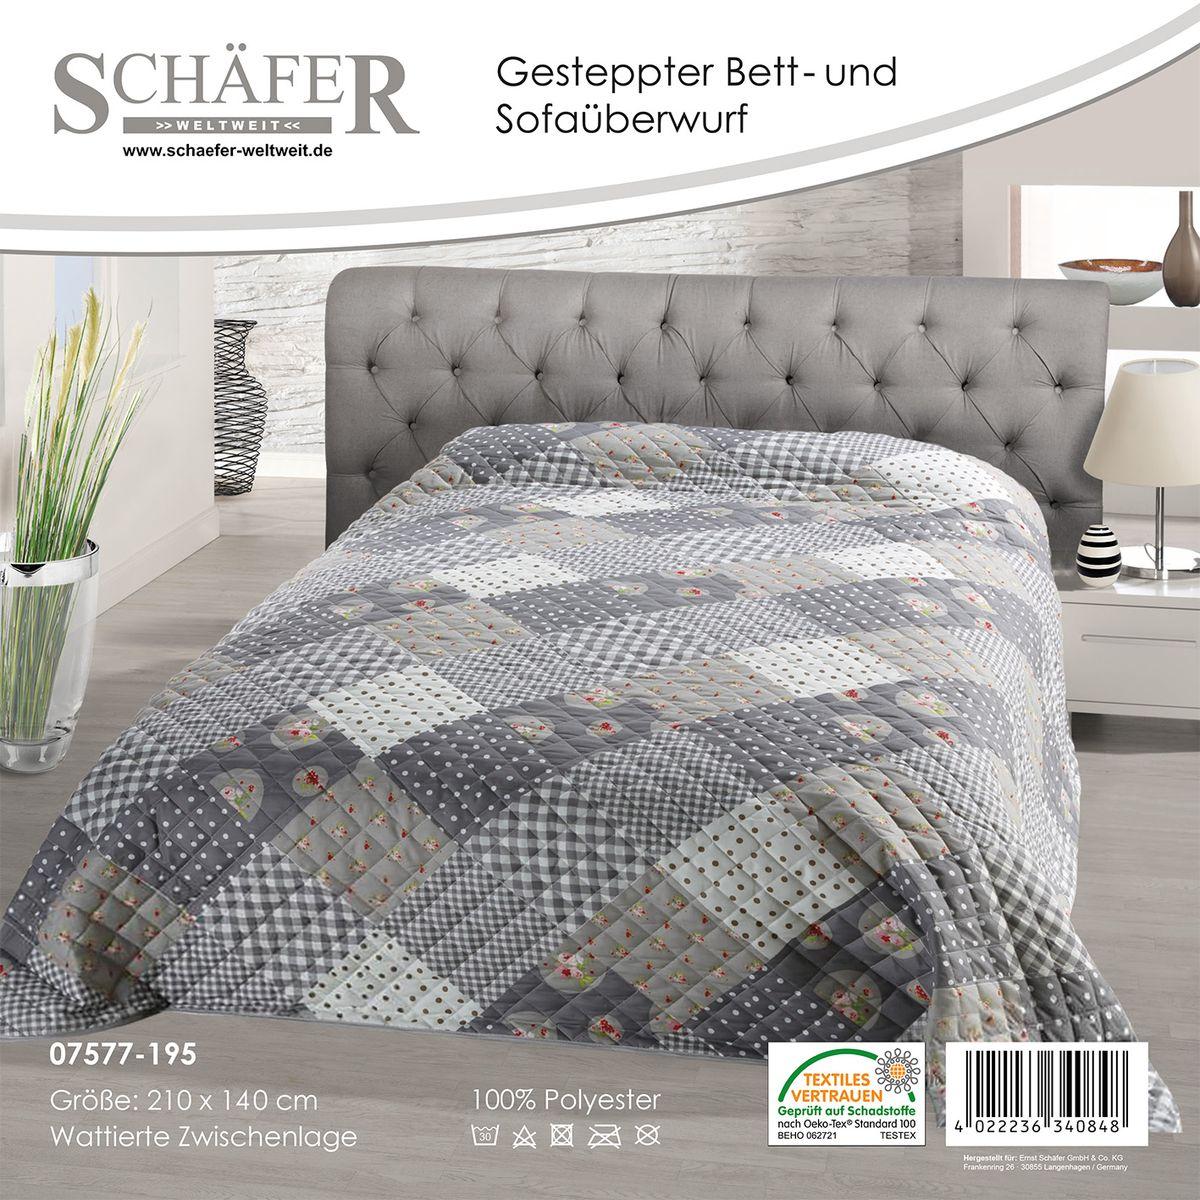 Покрывало Schaefer 140*210см, 100% полиэстер. 07577-19507577-195